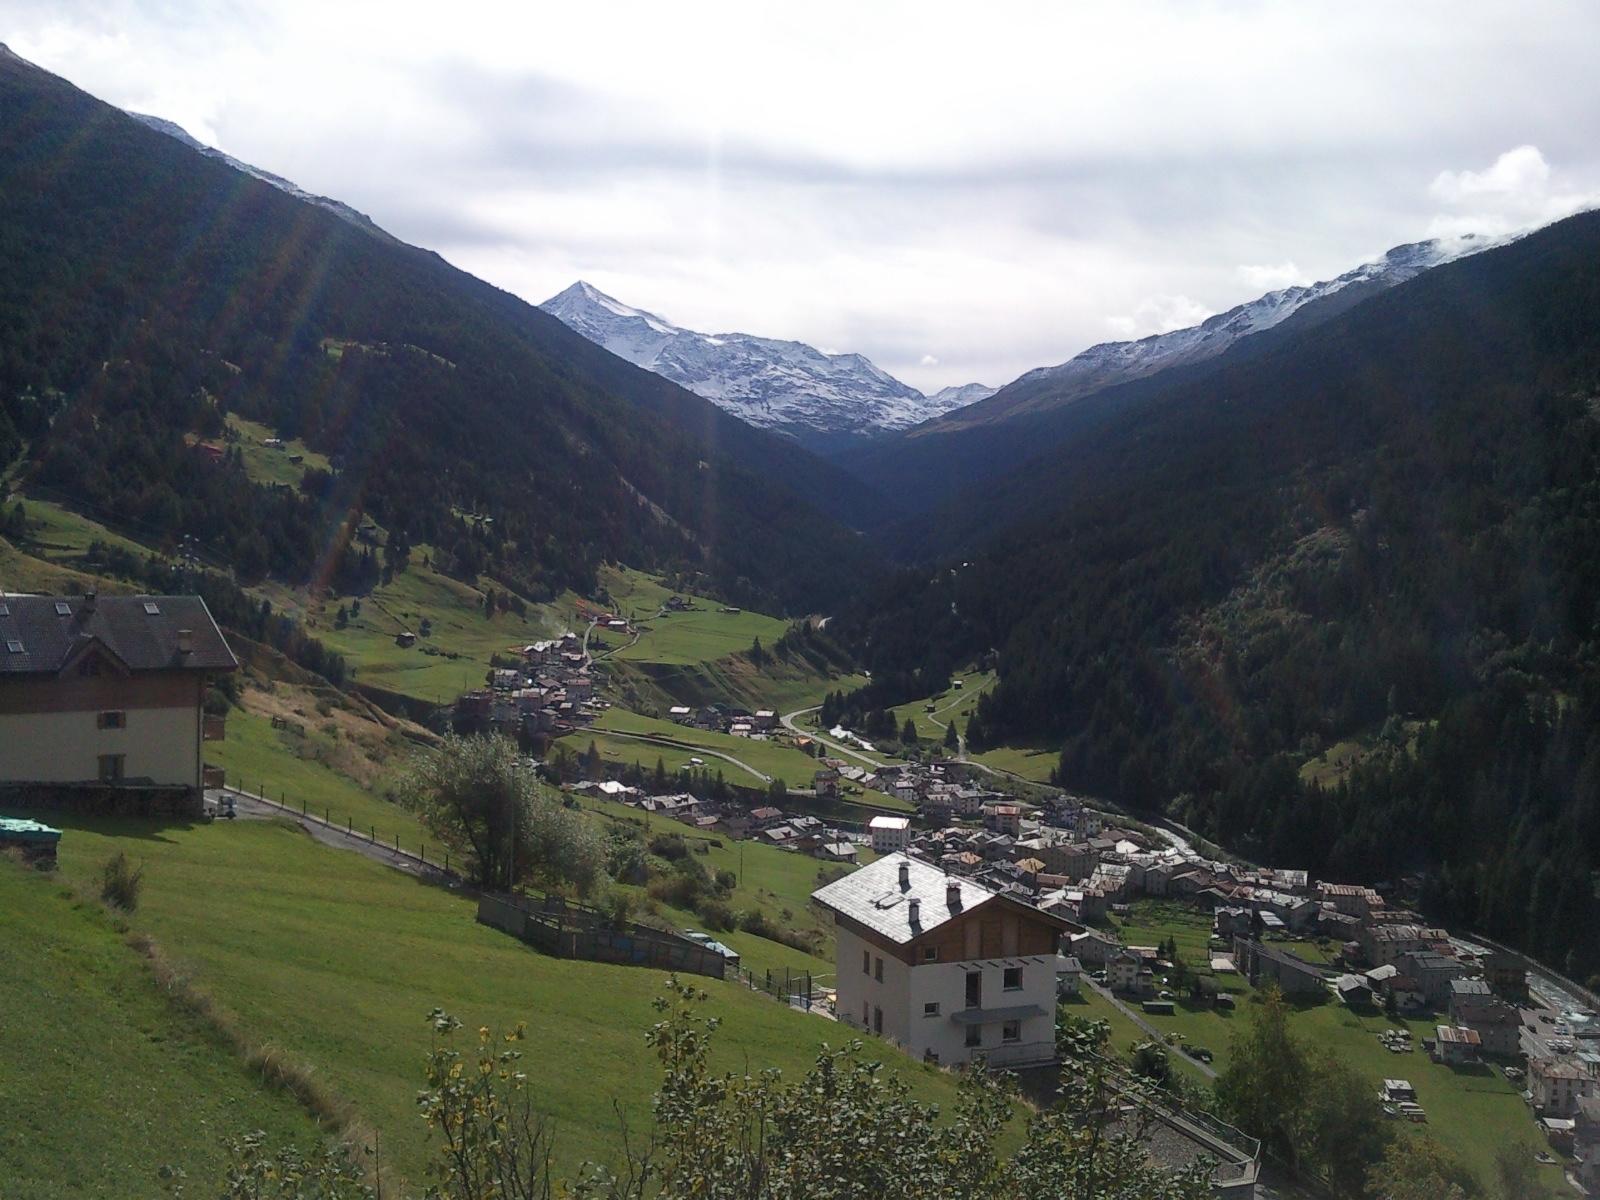 A völgy, ahol élünk